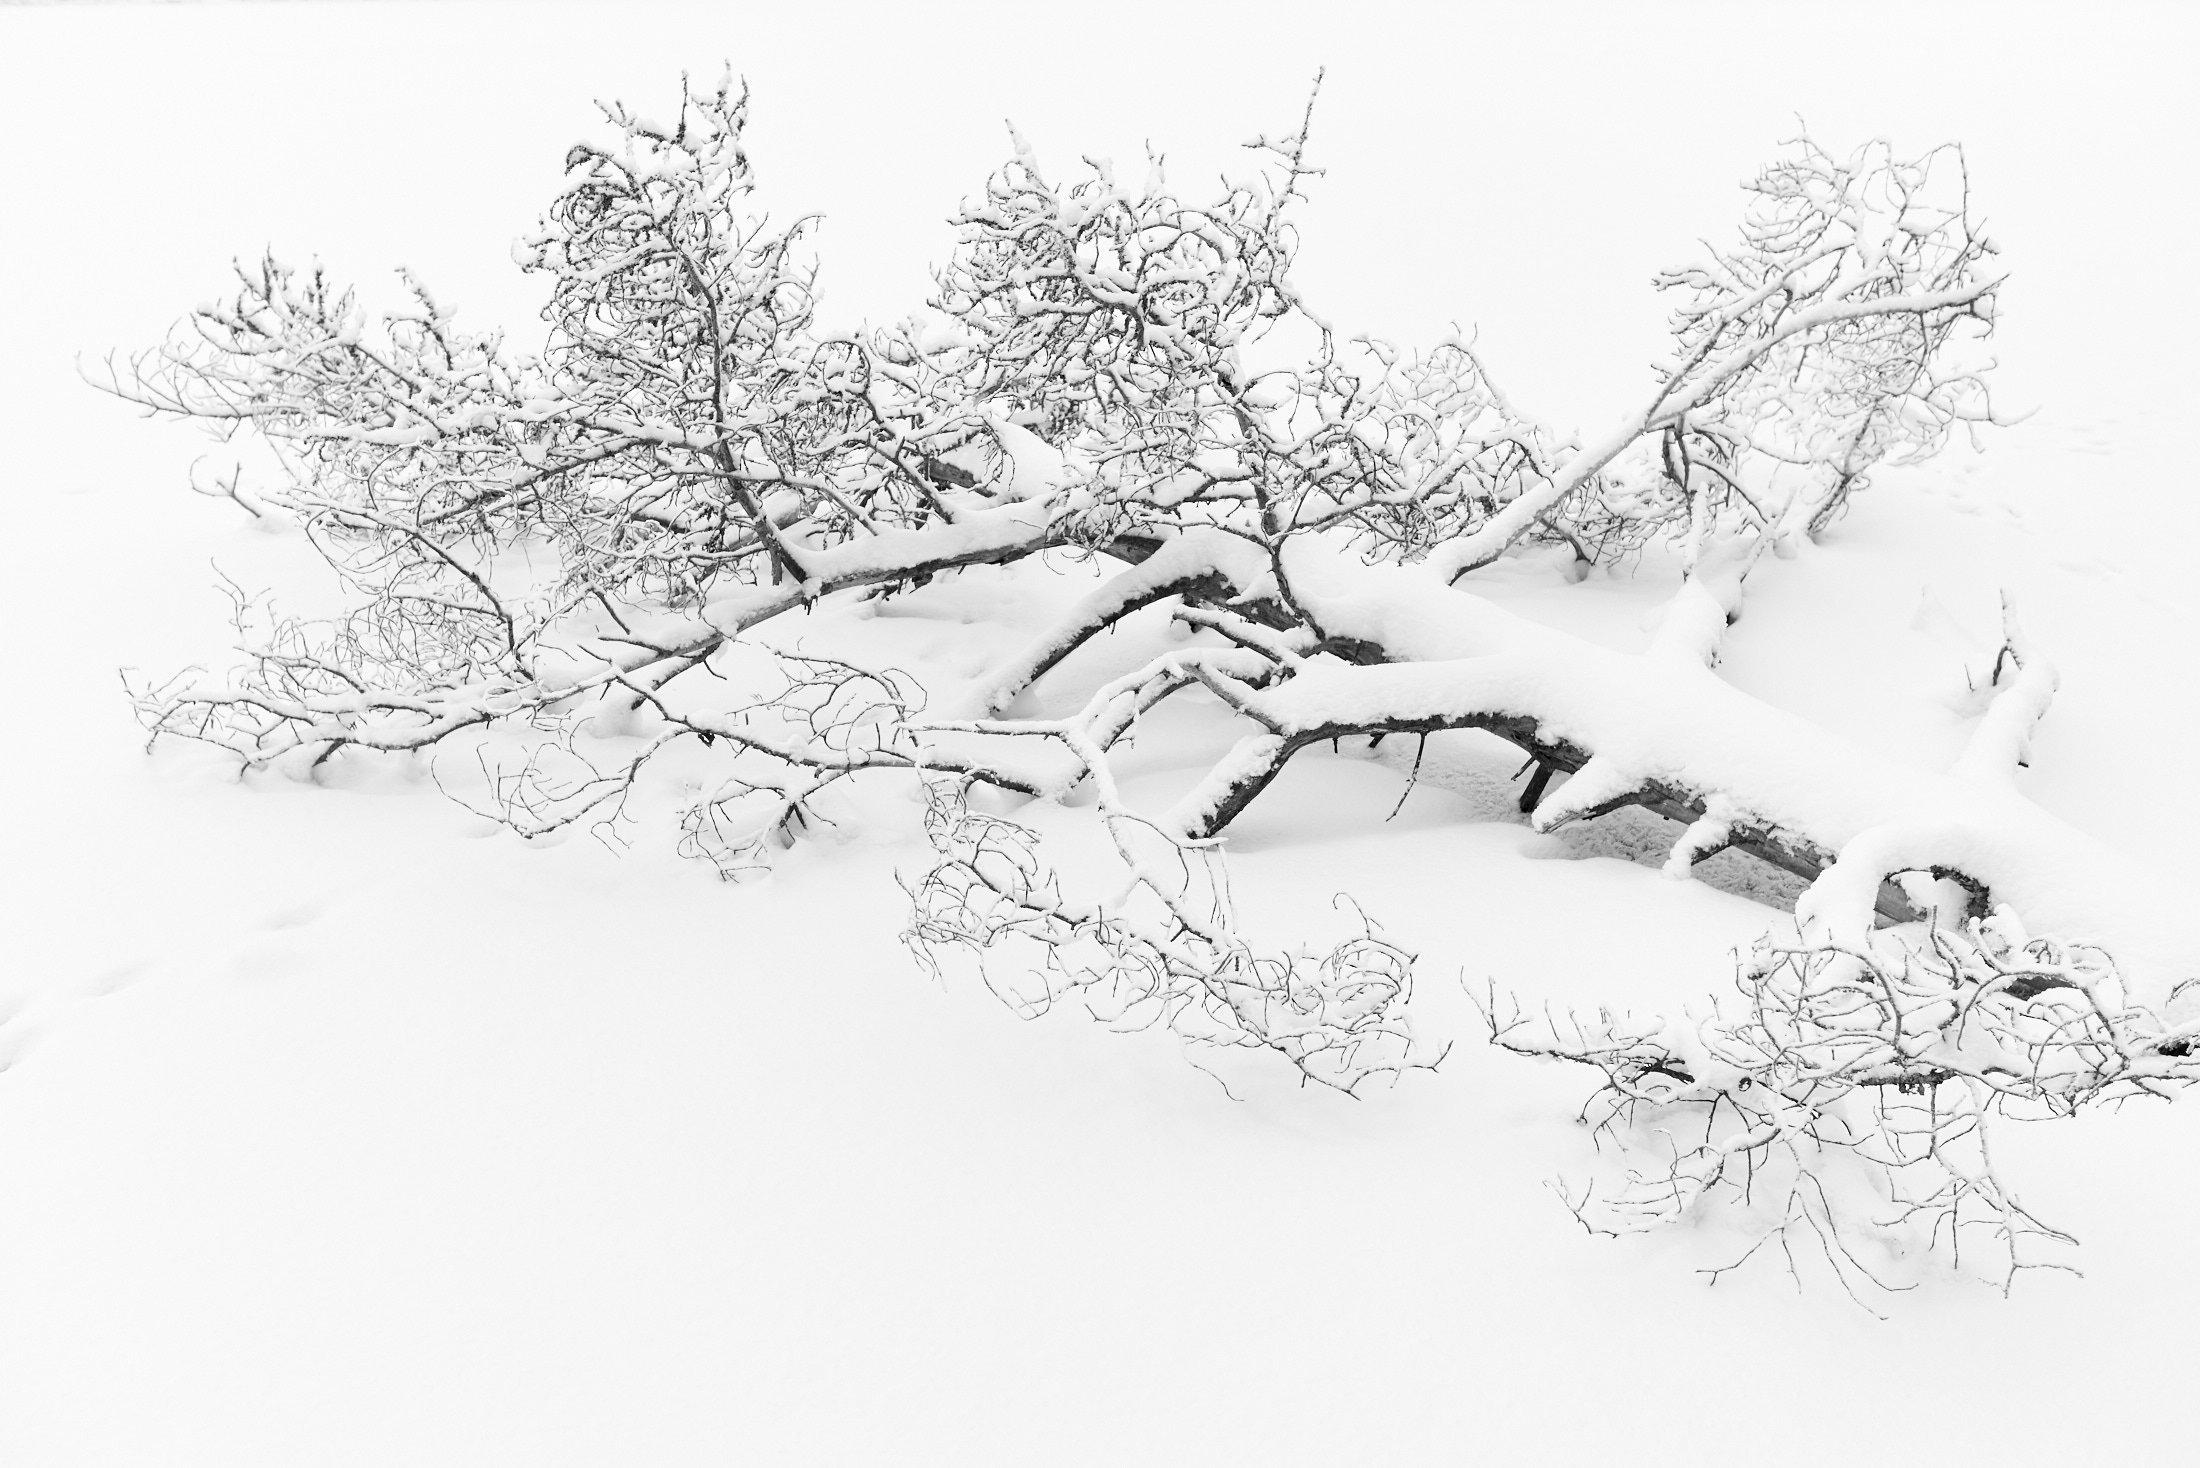 Snow III - Fallen Tree